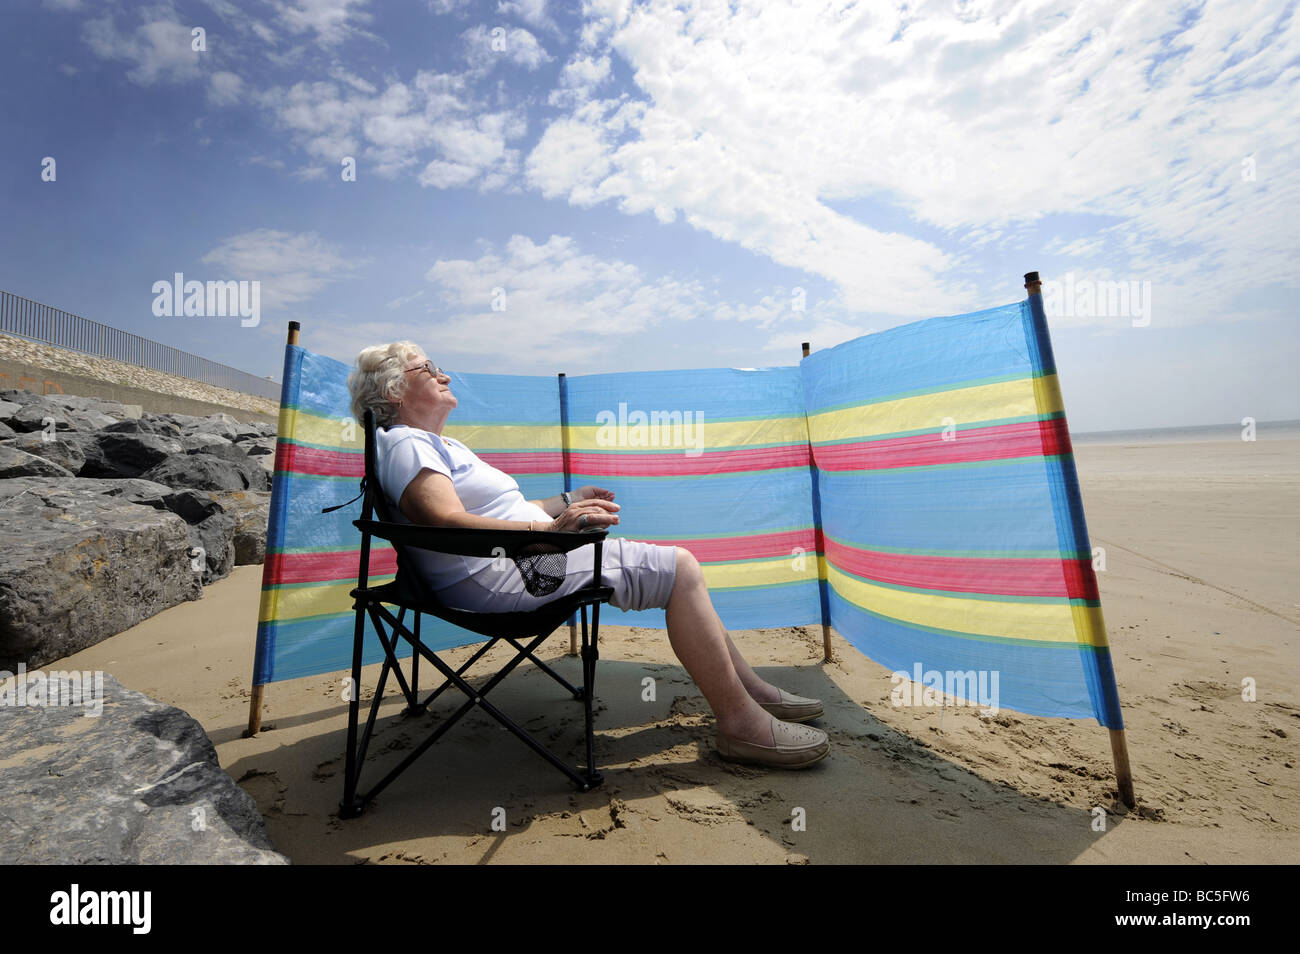 Un PENSIONNÉ BÉNÉFICIE D'un bain de soleil SUR UNE PLAGE BRITANNIQUE AVEC UN COUPE-VENT RE RETRAITE RETRAITÉS VACANCES Banque D'Images